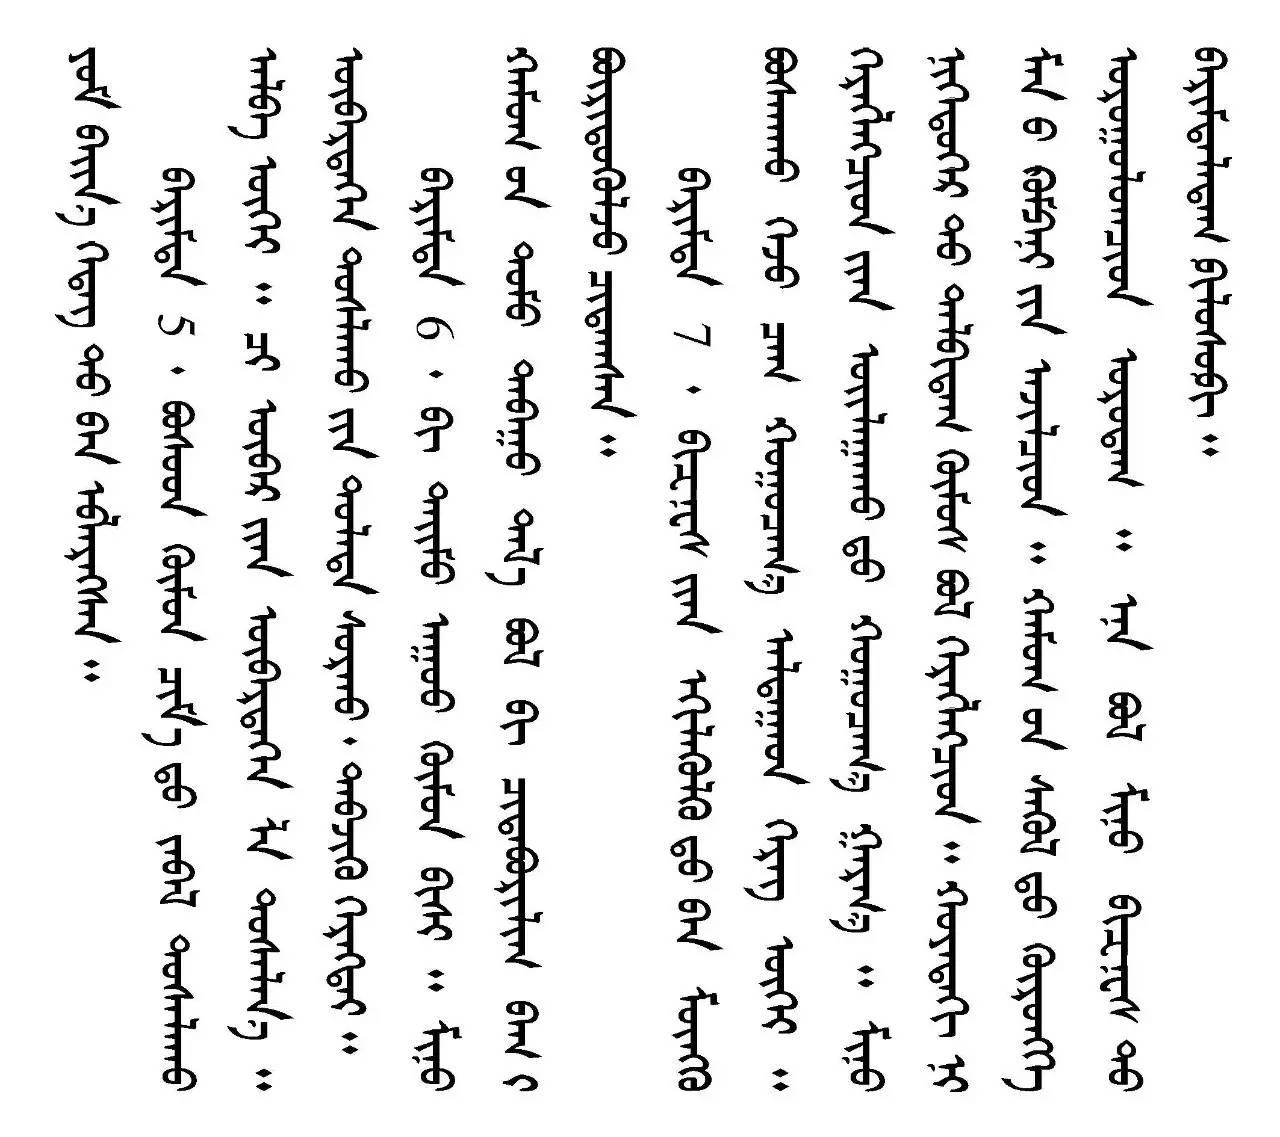 马云对蒙古国青年说什么了? 第4张 马云对蒙古国青年说什么了? 蒙古文化